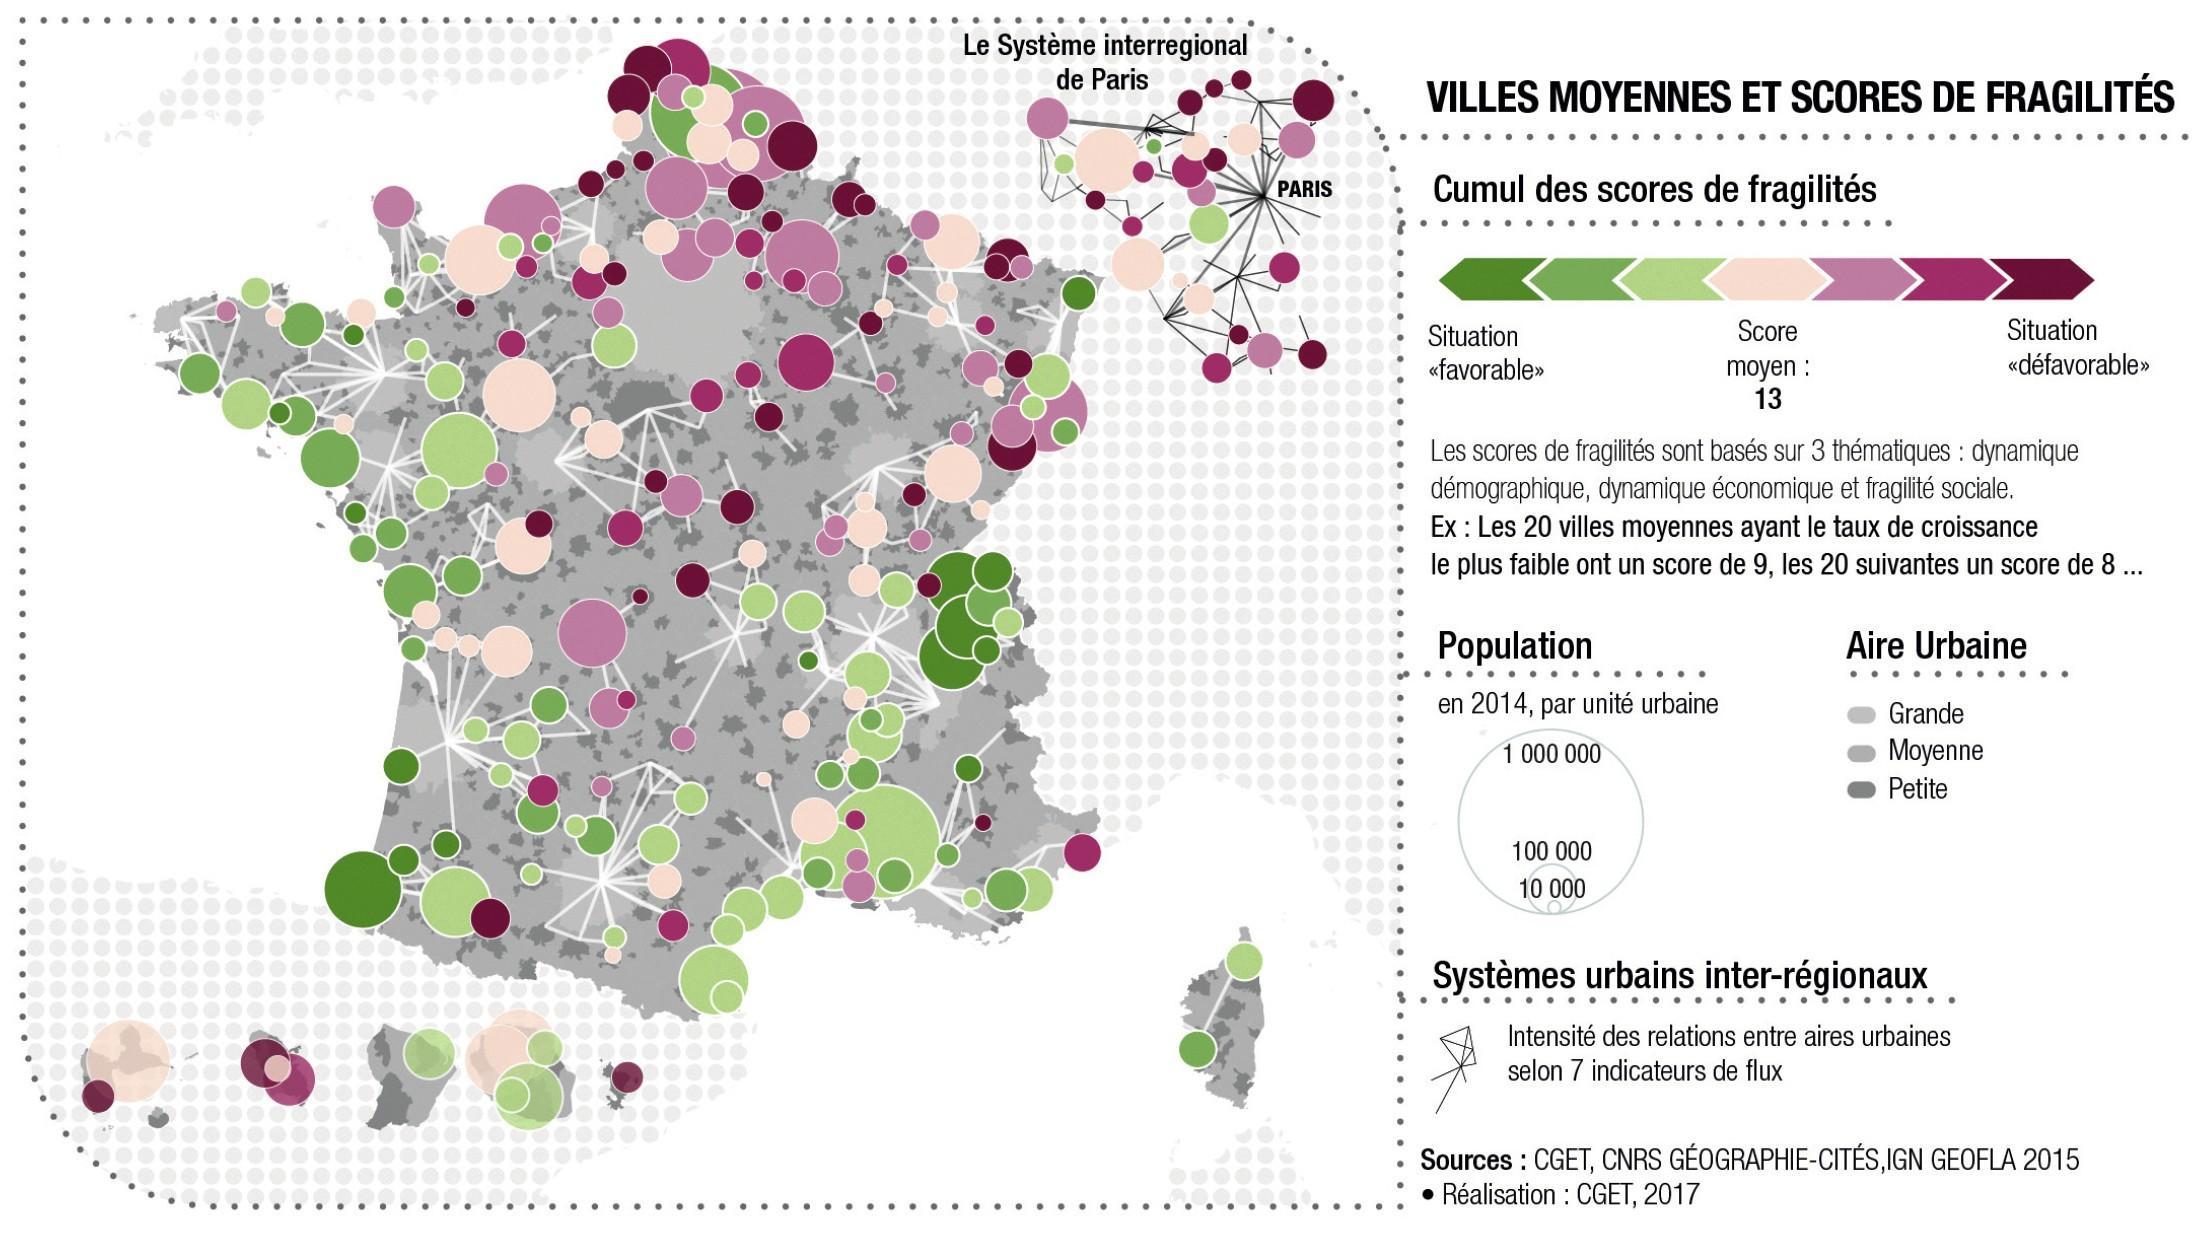 Villes moyennes et scores de fragilités